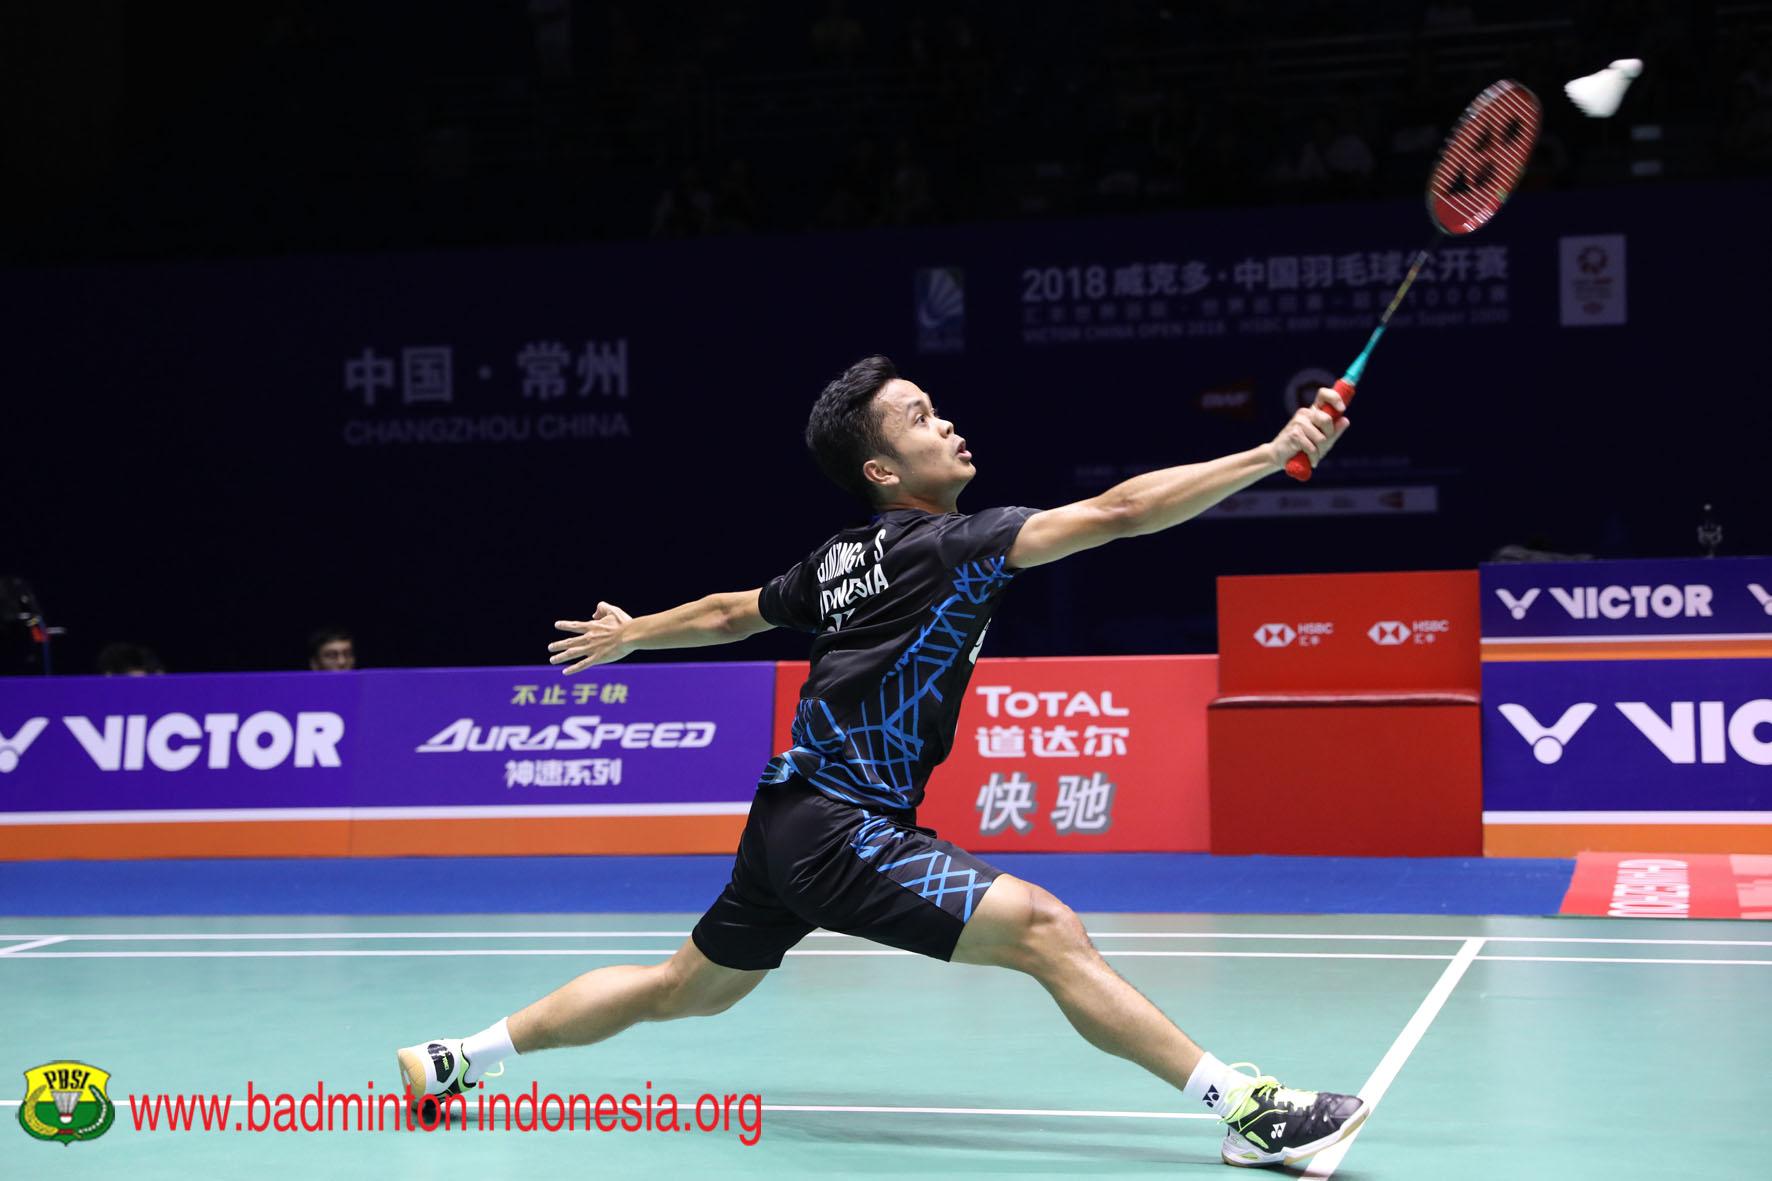 Sukses Epic Comeback, Anthony Ginting Akui Belajar Banyak dari Asian Games 2018